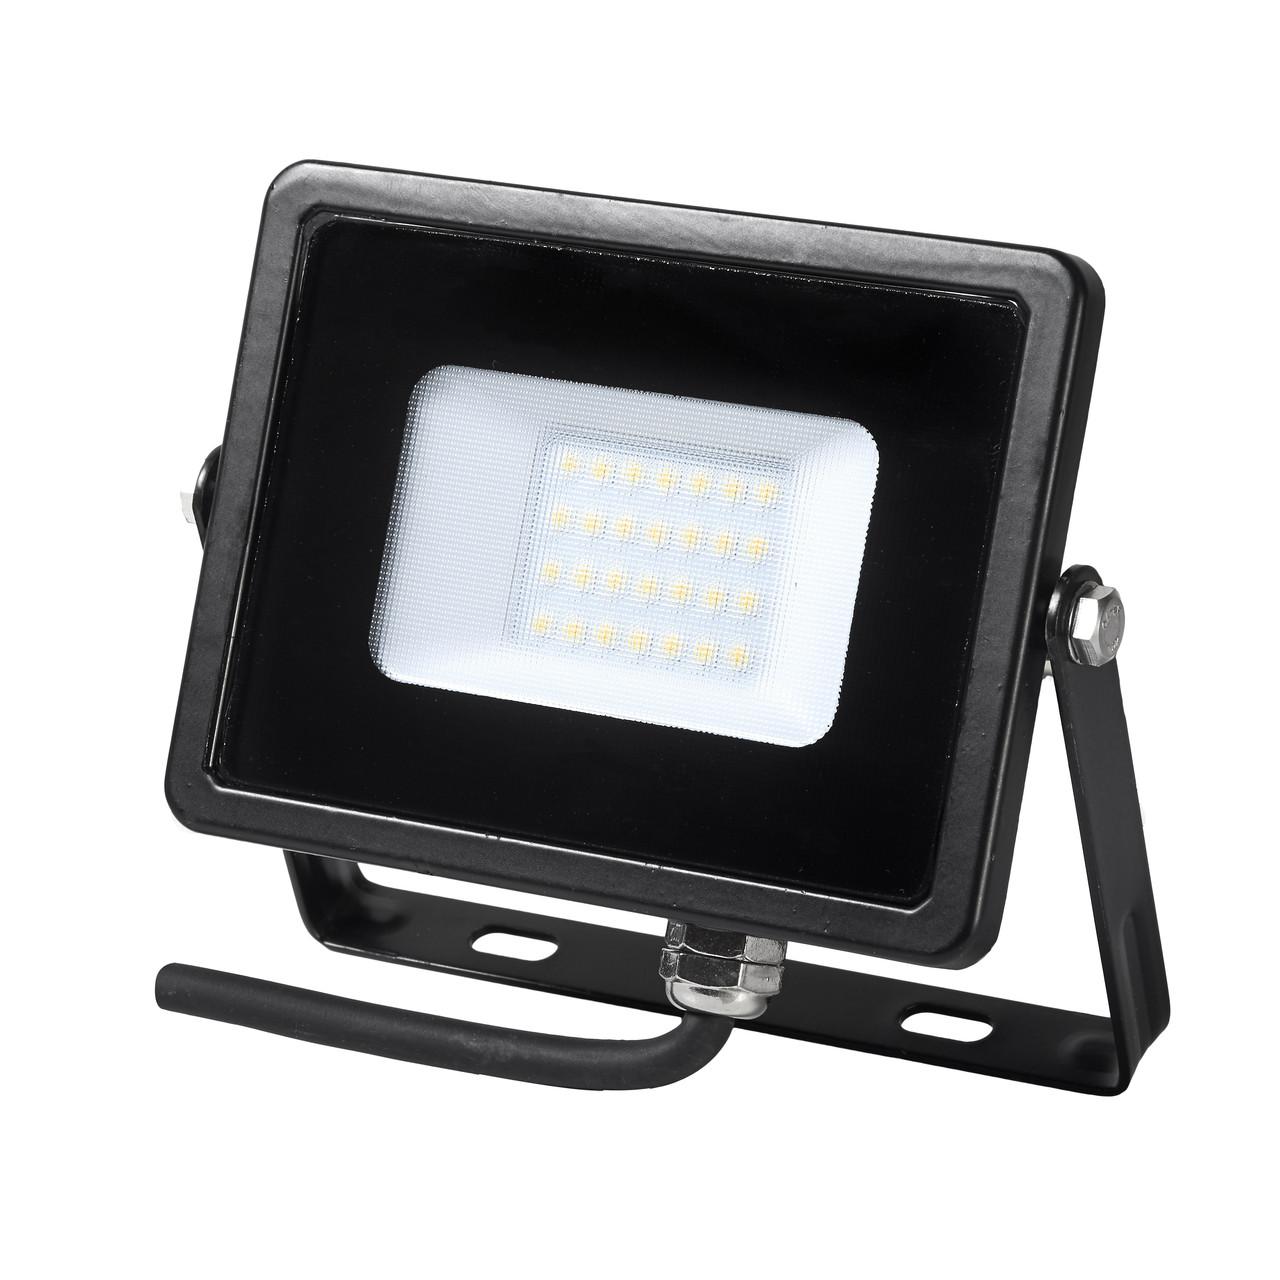 Прожектор светодиодный DELUX FMI 10 LED 20Вт 6500K